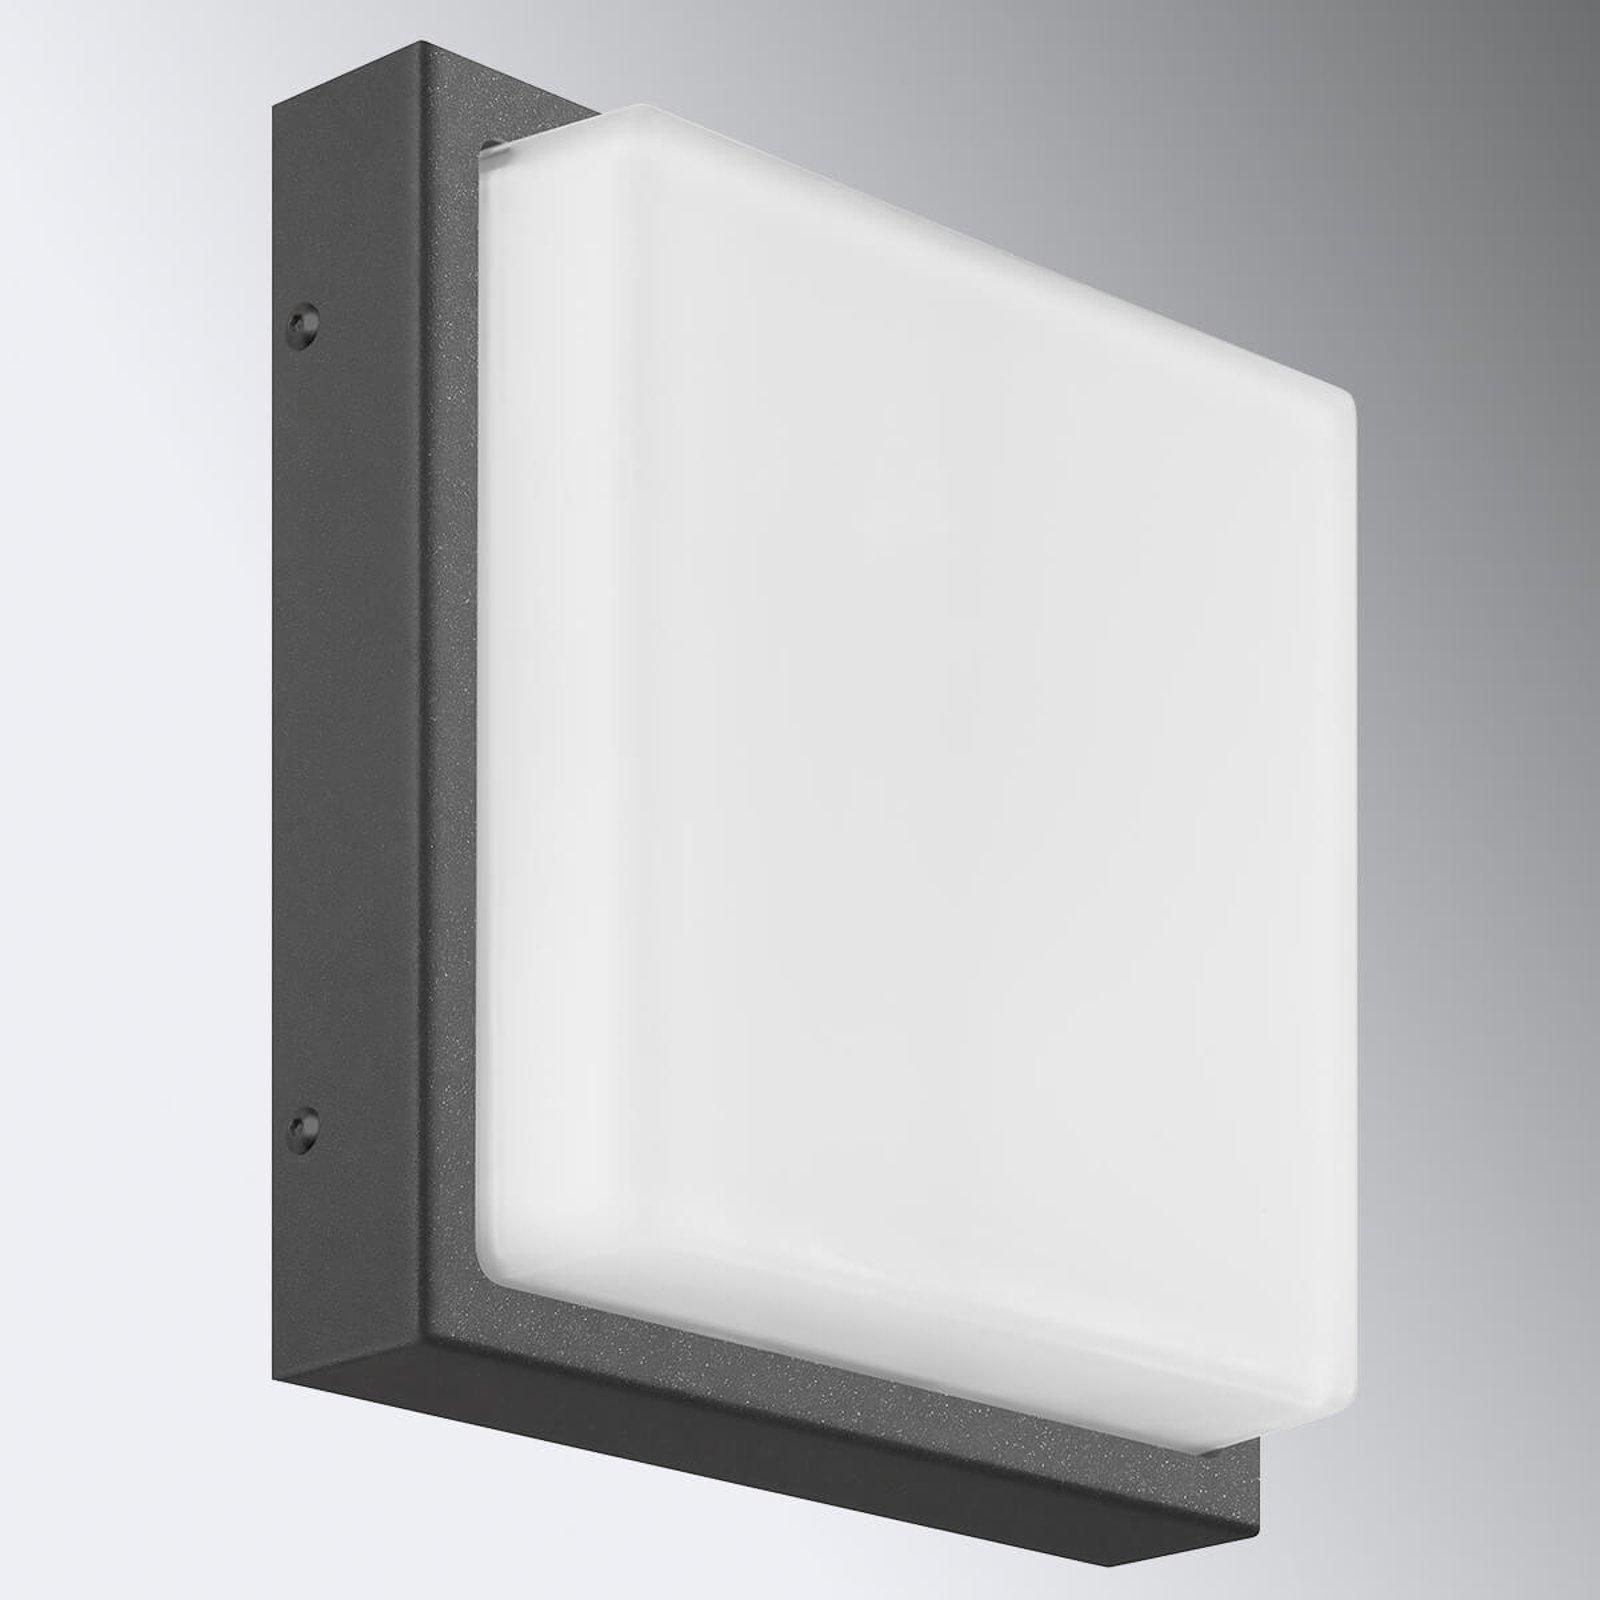 Vegglampe Ernest E27 uten sensor grafitt